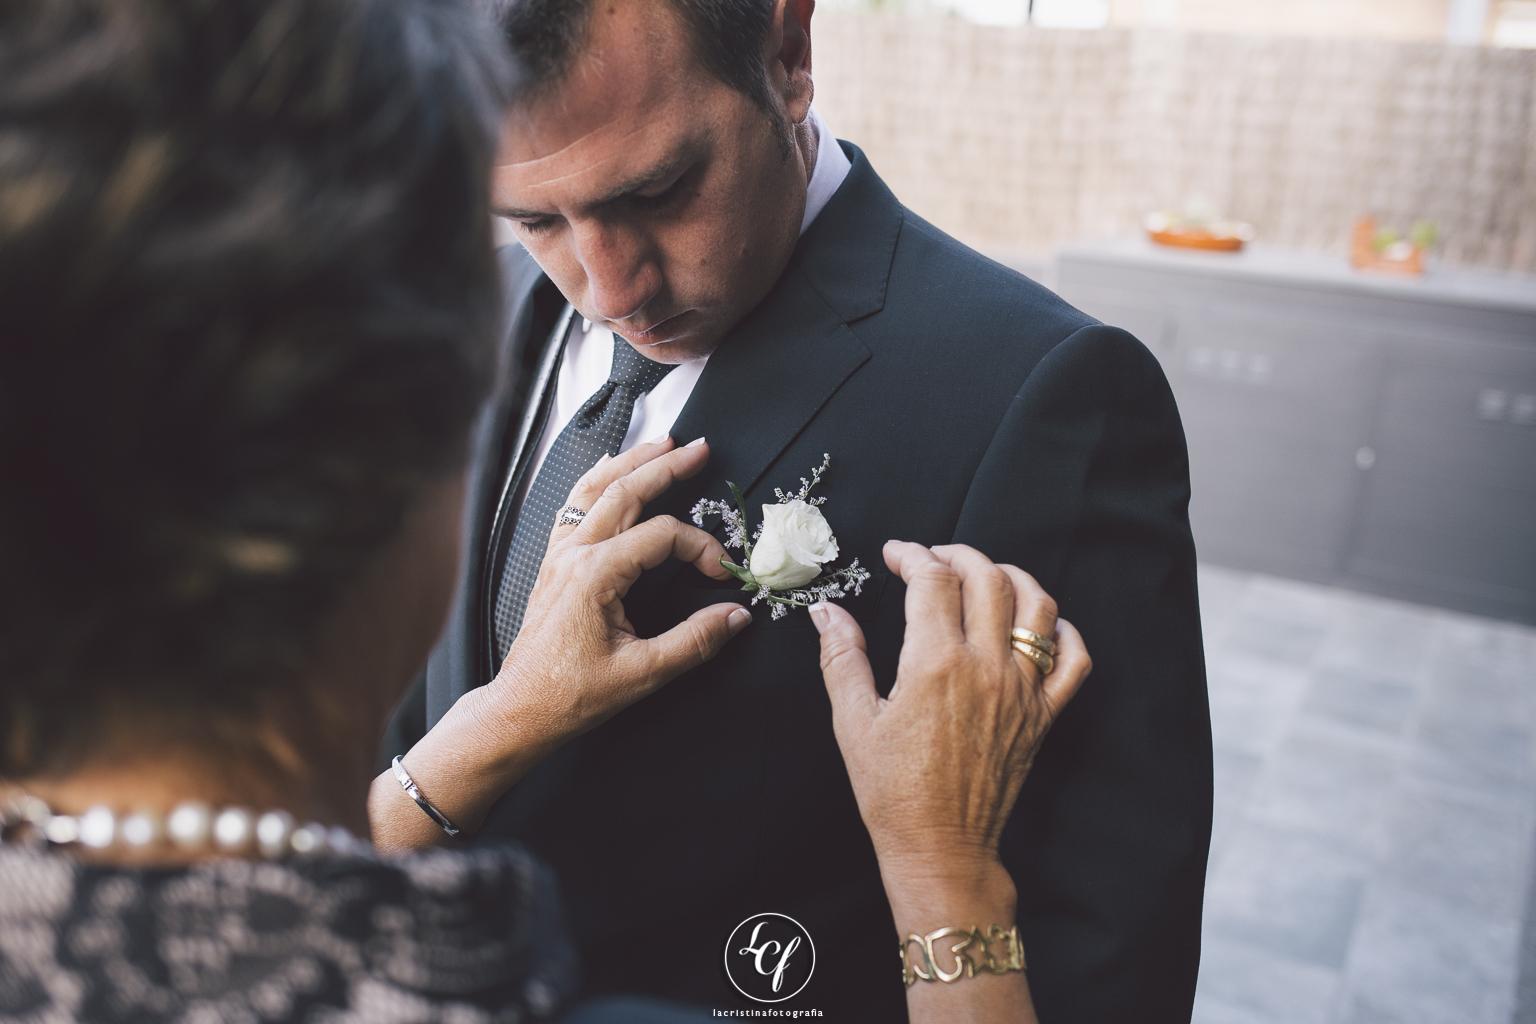 fotógrafo de bodas :: fotografía de bodas :: fotógrafo de bodas montserrat :: fotógrafo de bodas barcelona :: fotógrafa de bodas